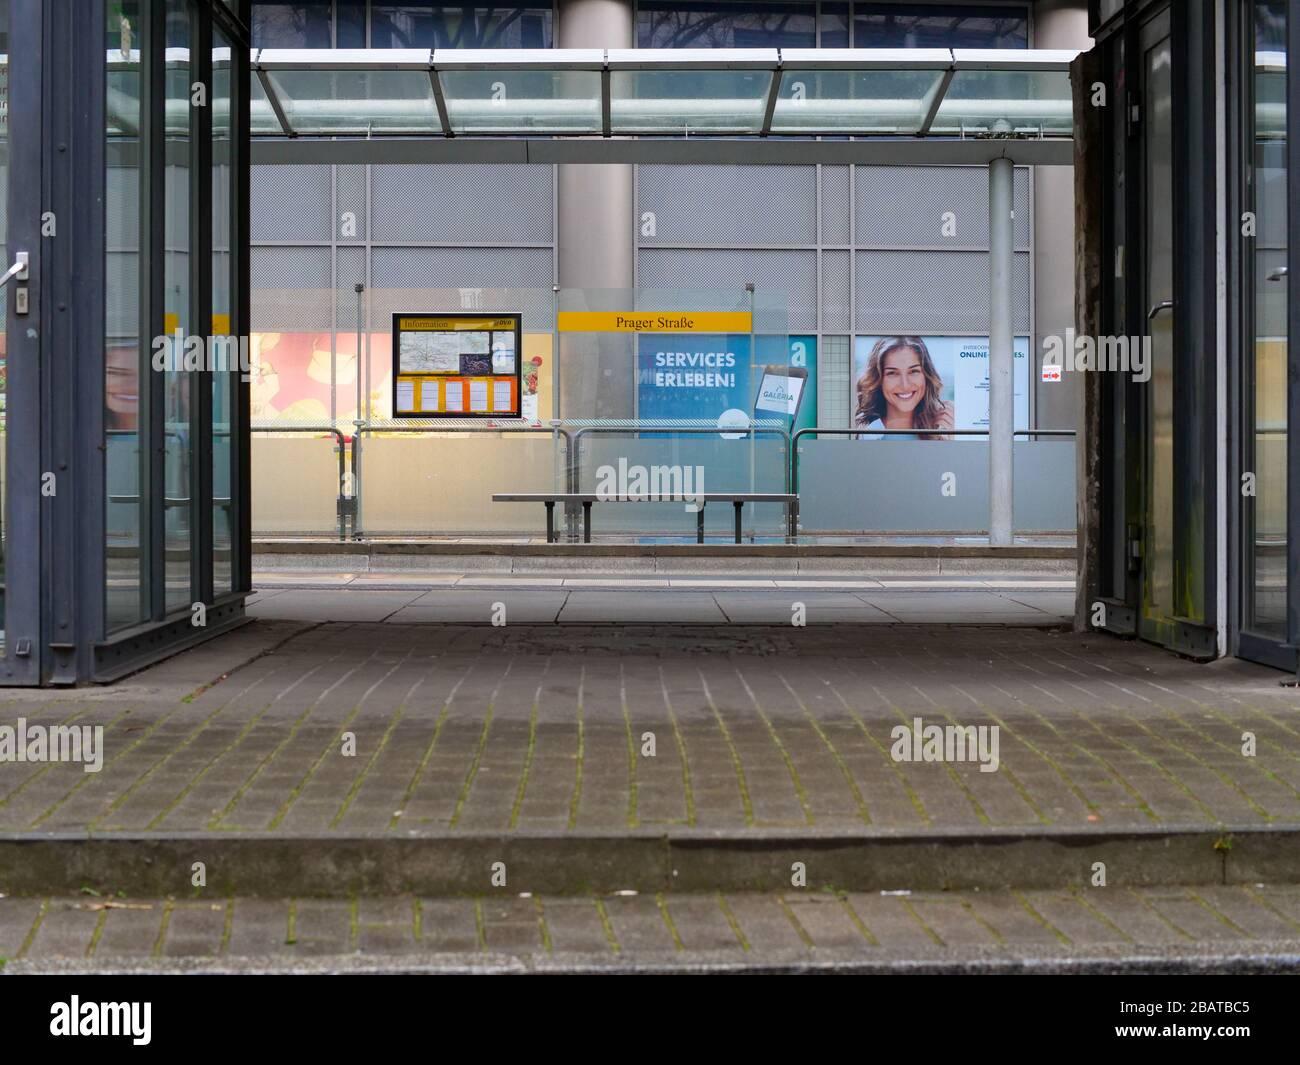 Haltestelle Dresden Prager Straße Werbung leer ohne Menschen Stock Photo